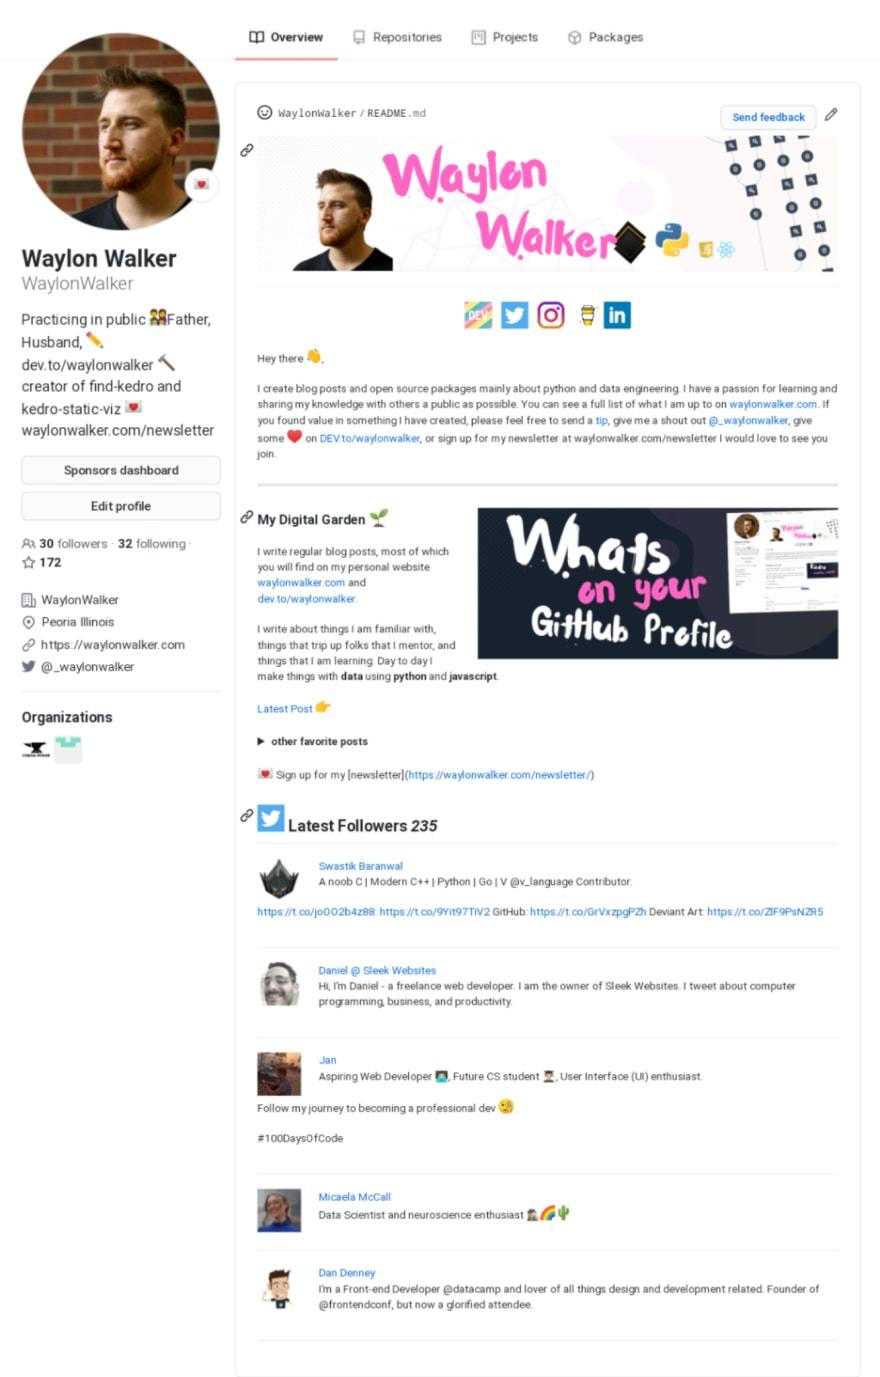 waylonwalkers GitHub profile